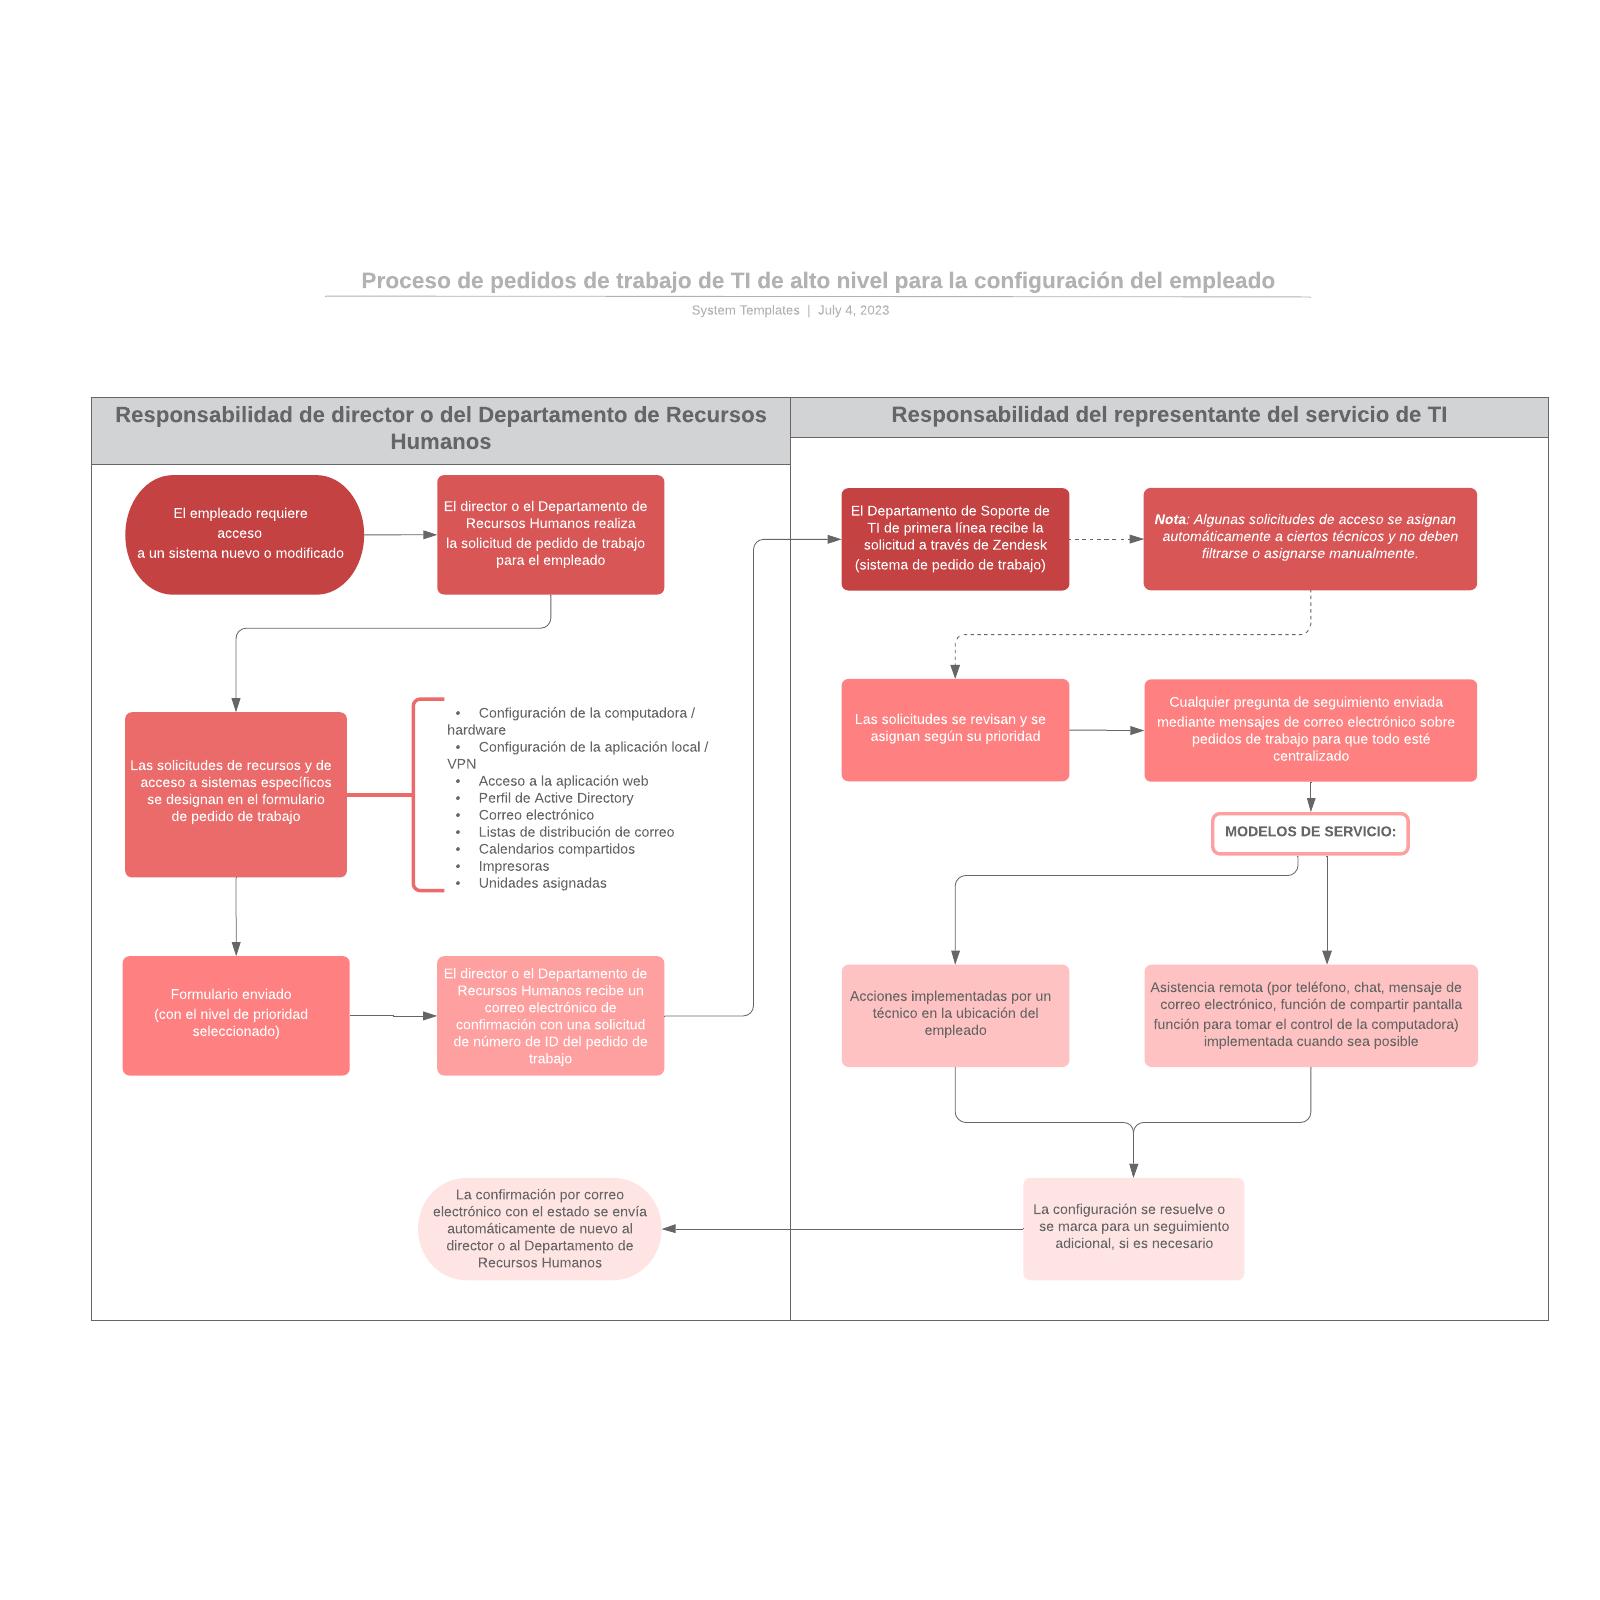 Proceso de pedidos de trabajo de TI de alto nivel para la configuración del empleado